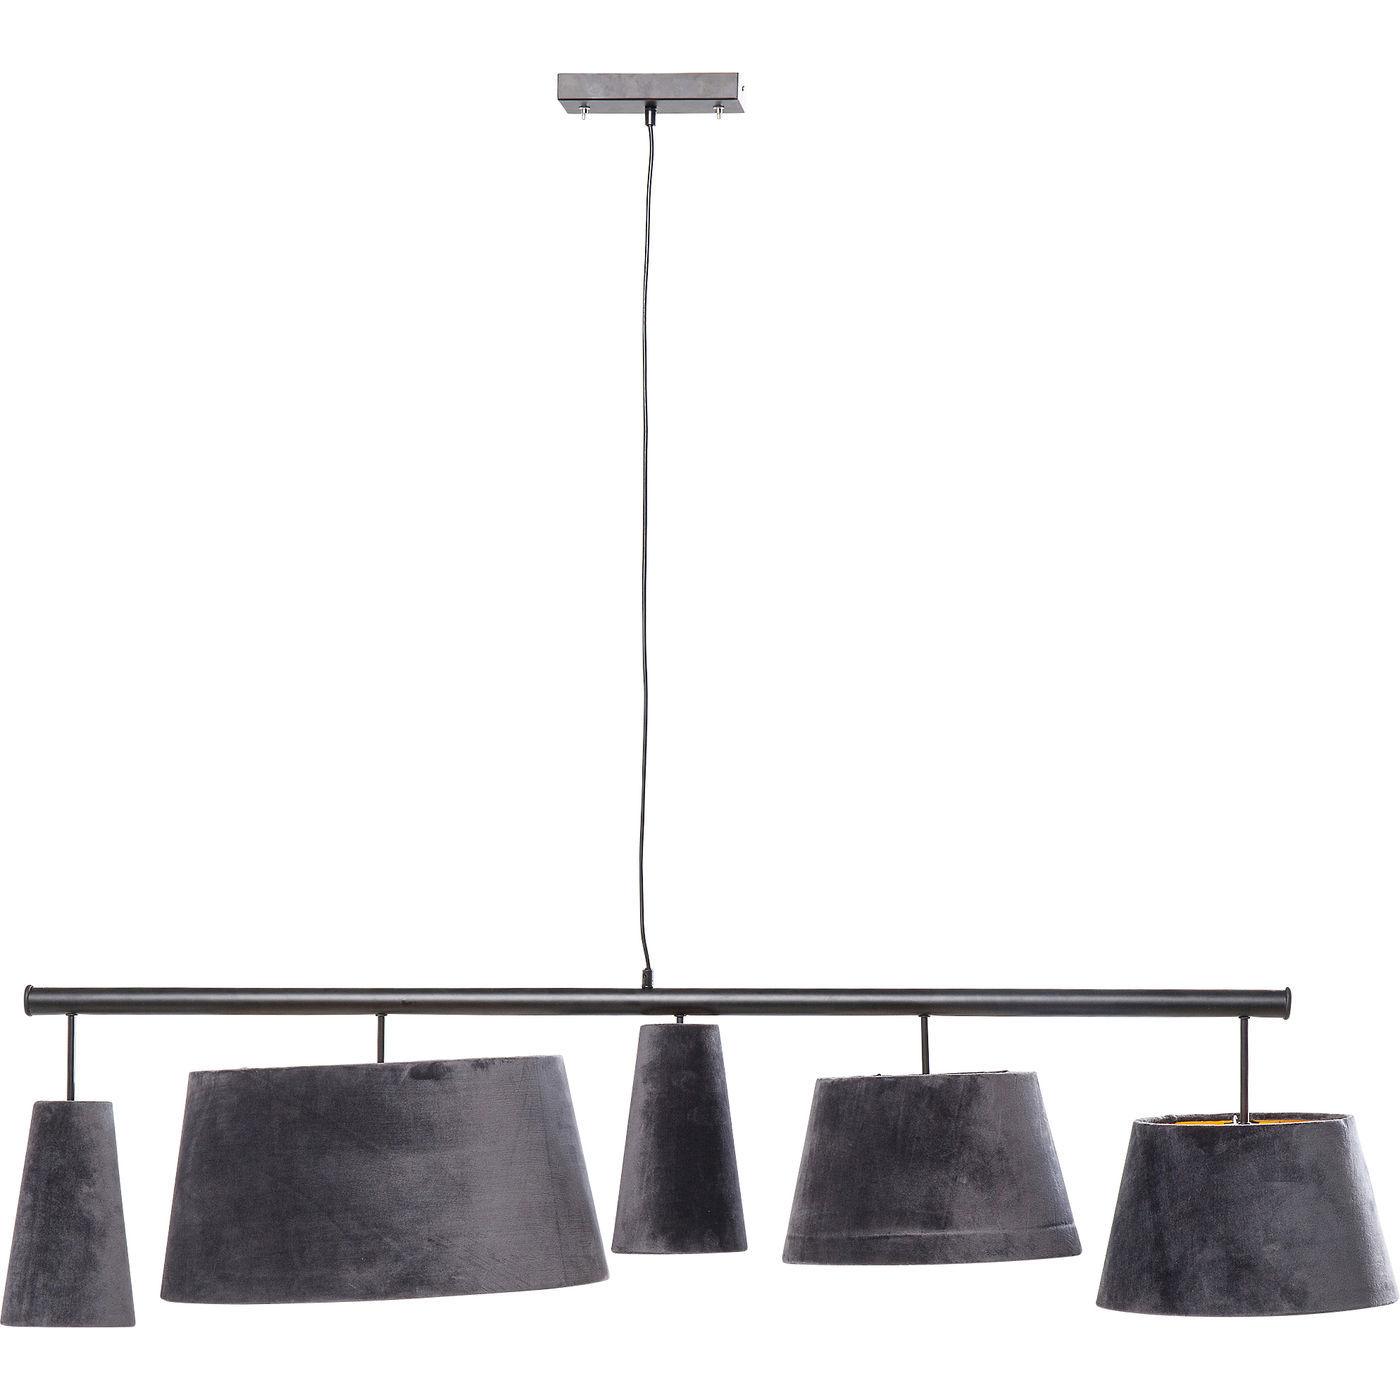 Kare design parecchi night sky loftlampe - gråt stof/guld plastik og stål fra kare design fra boboonline.dk